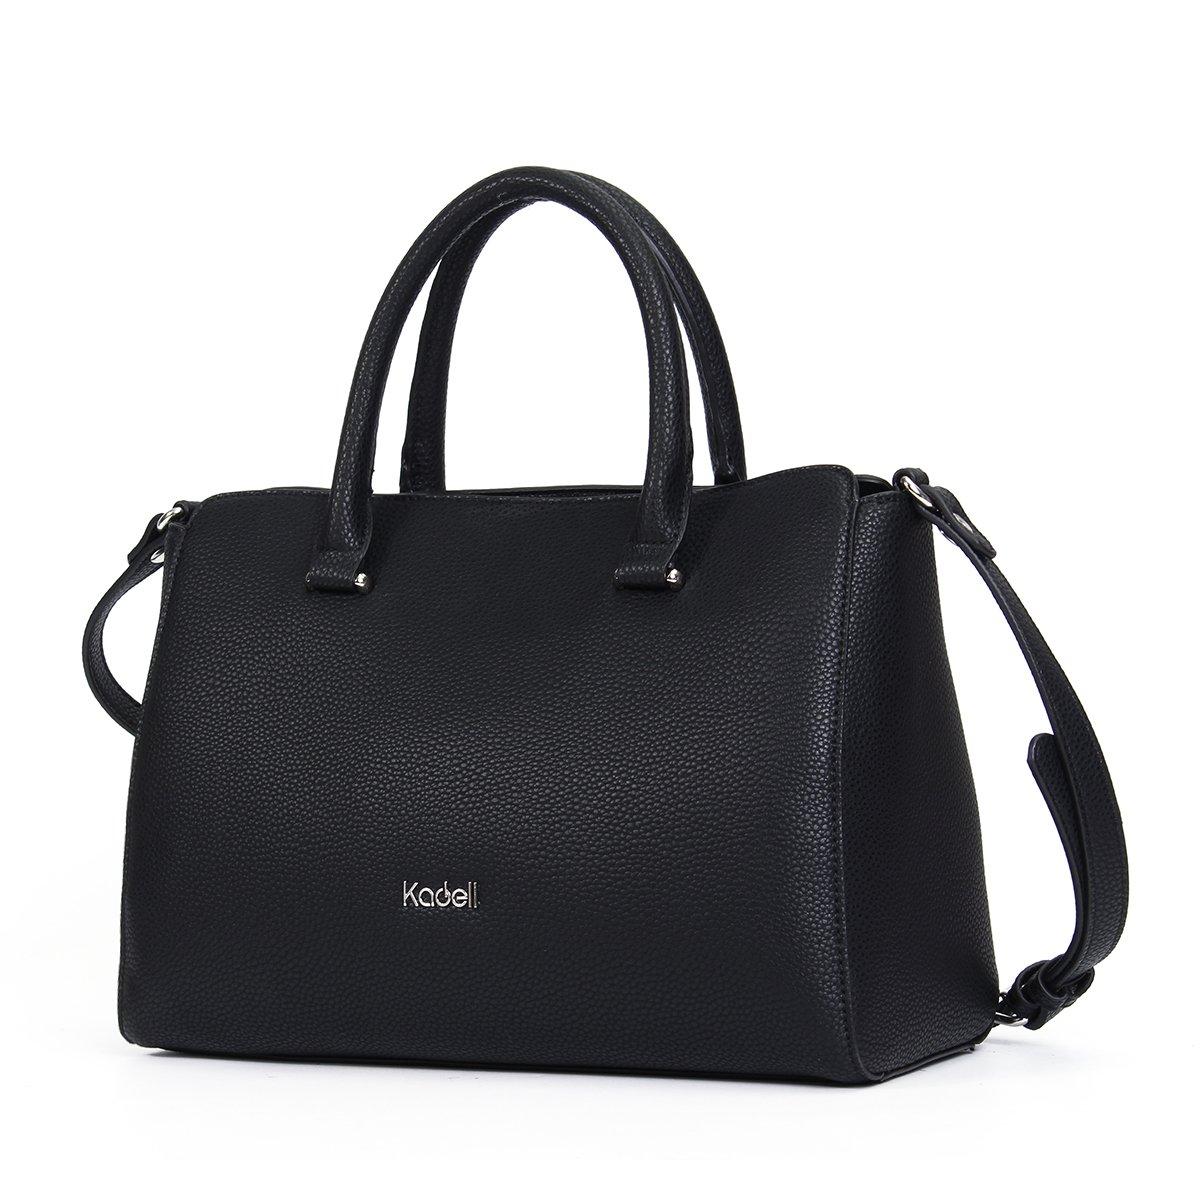 Kadell Leder Handtasche Luxus Damen